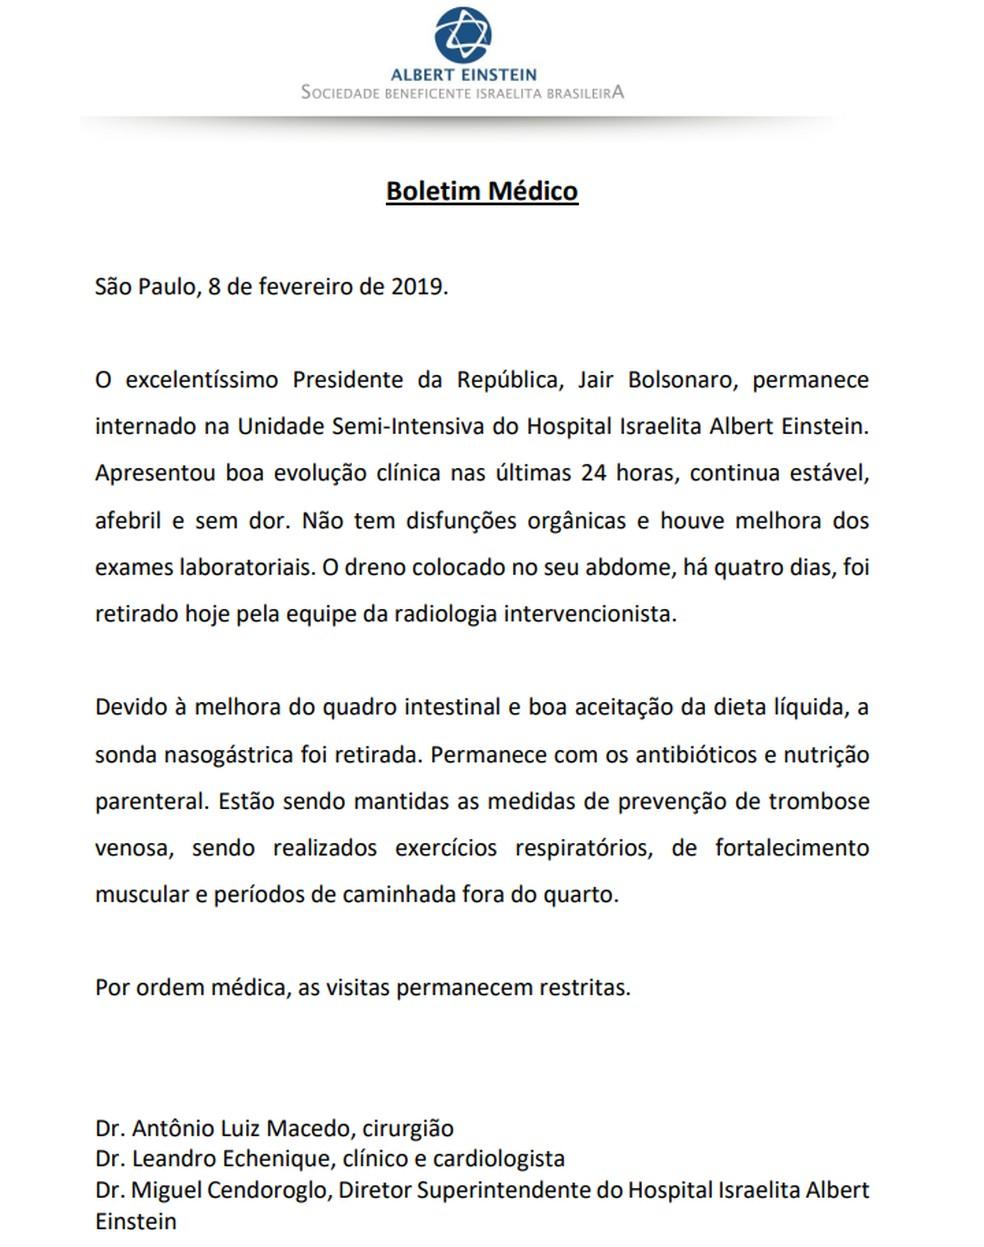 Boletim médico do presidente Jair Bolsonaro desta sexta-feira (8) — Foto: Divulgação/Hospital Albert Einstein